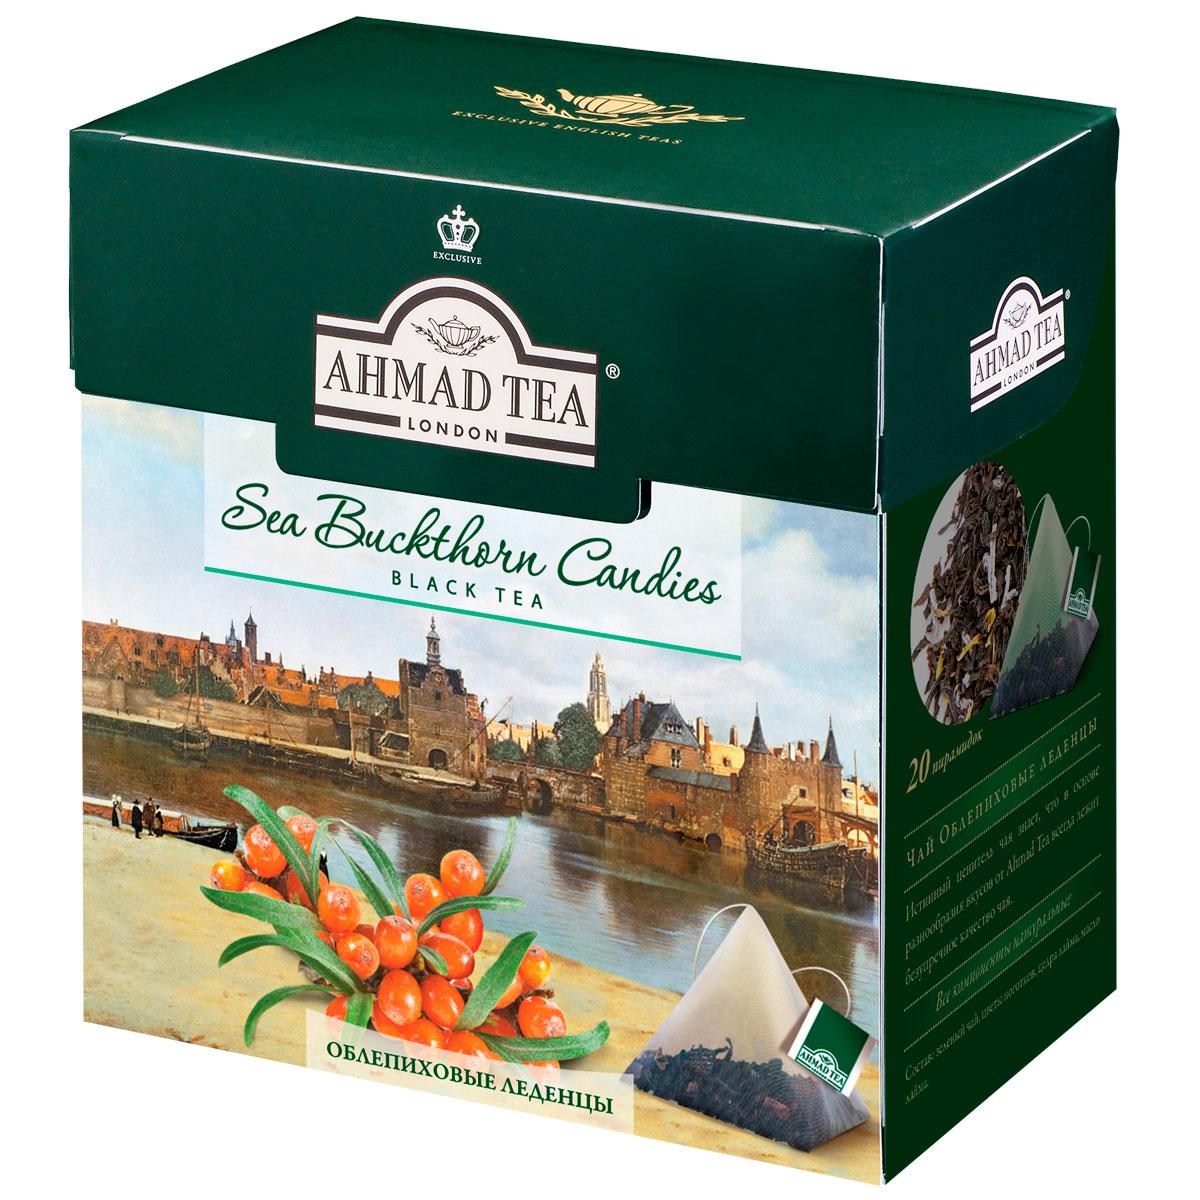 Ahmad Tea Buckthorn Candies черный чай в пирамидках, 20 шт1402Ahmad Tea Buckthorn Candies - черный чай в пирамидках. Ягоды облепихи в сочетании с черным чаем составляют утонченную вкусовую палитру. Букет цейлонского и ассамского чая играет главную ноту, которую гармонично подчеркивает кисло-сладкое облепиховое послевкусие.